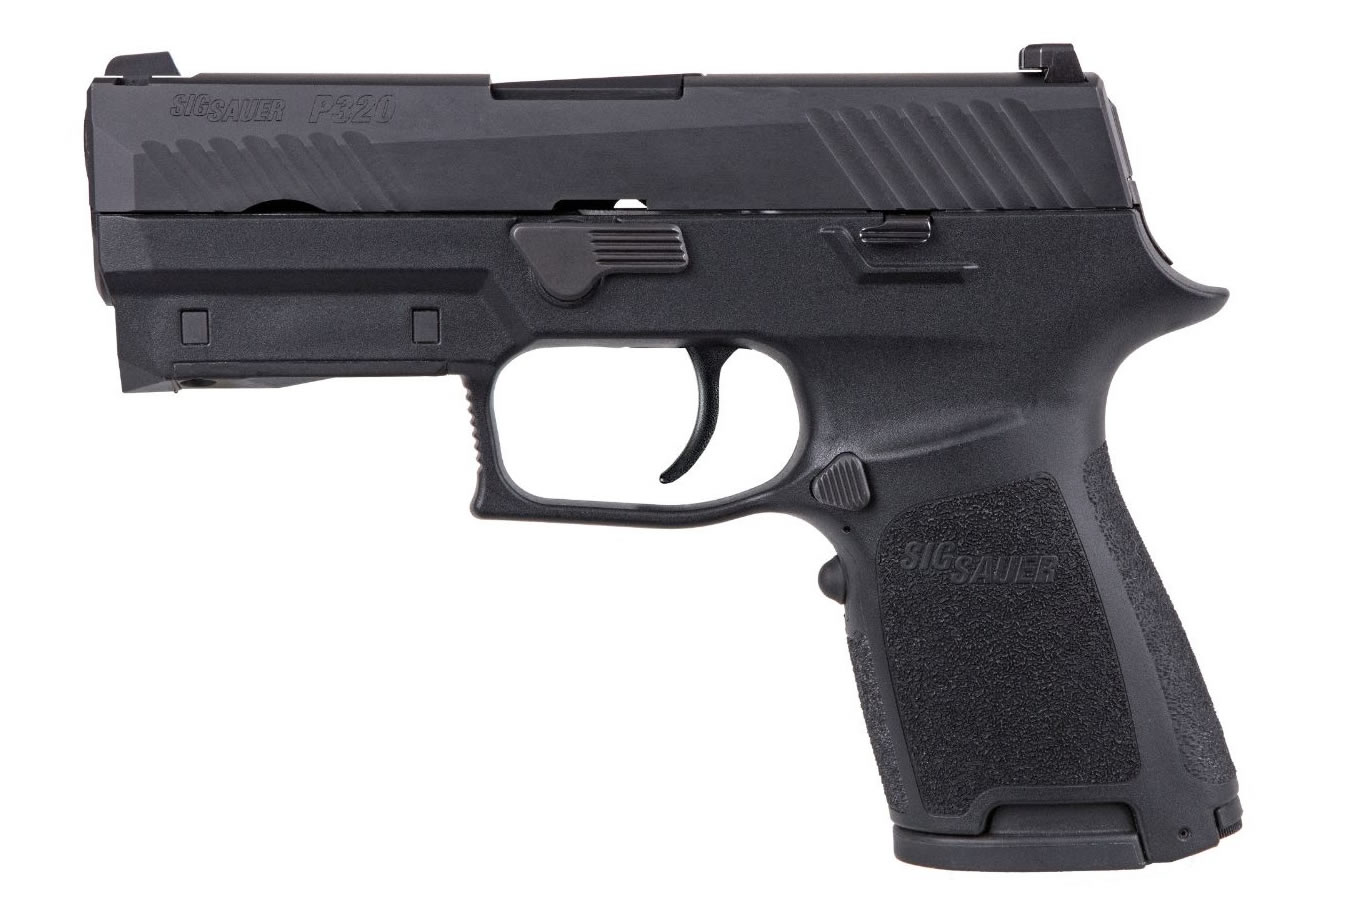 p320 laser lima integrated 9mm sig guns sauer sportsman gun outdoor compact superstore firearms